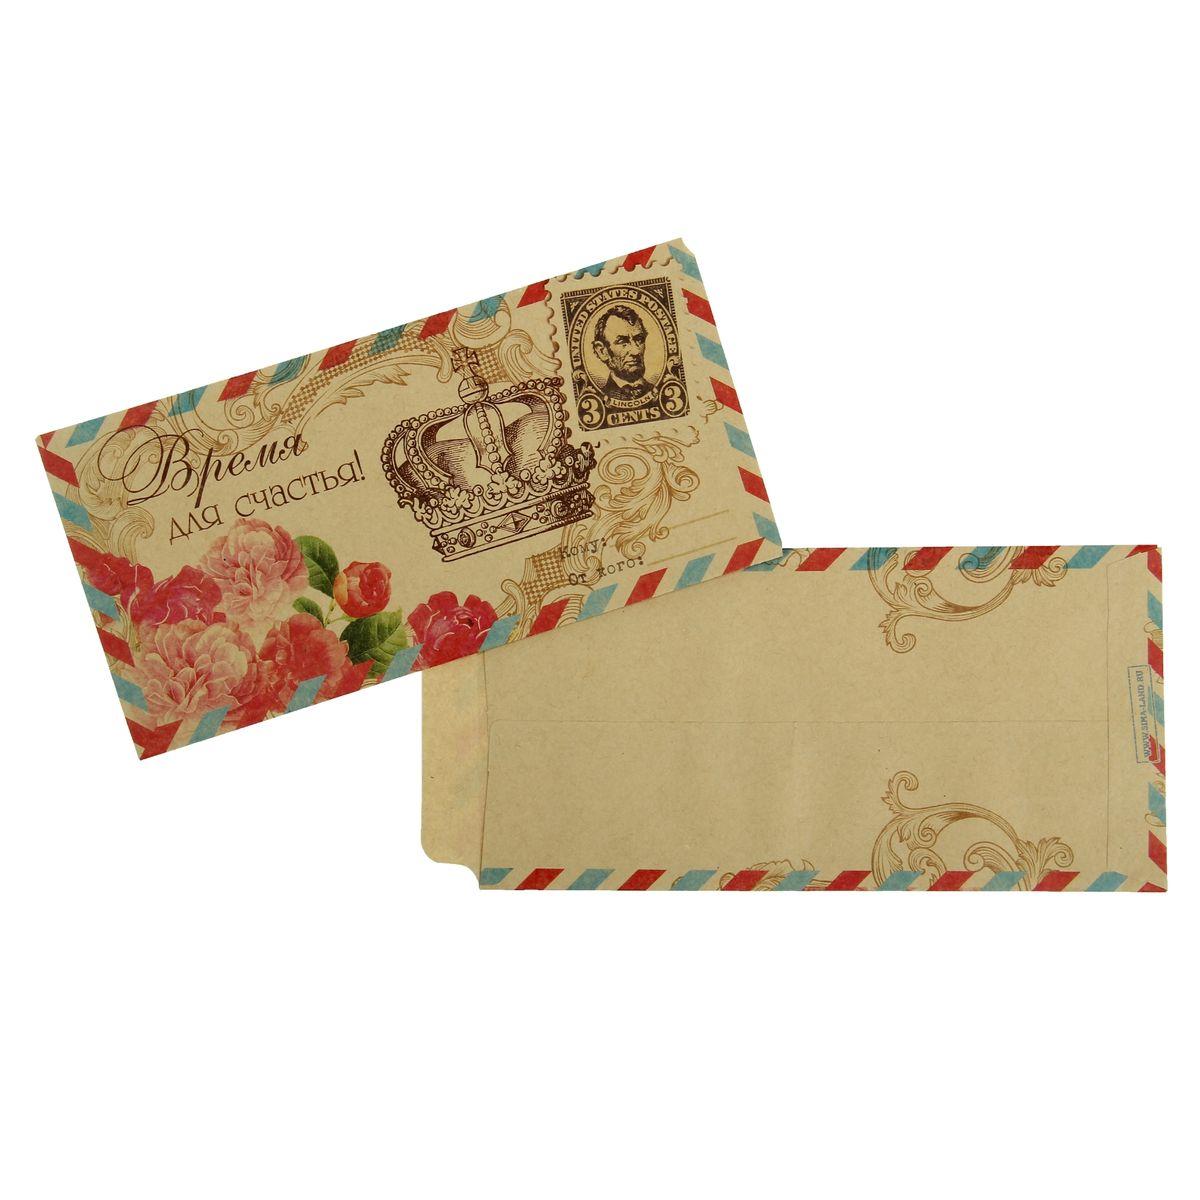 Конверт подарочный Время для счастья335-44-11-D03Подарочный конверт Время для счастья предназначен для украшения подарков. Конверт изготовлен из бумаги, украшен красивыми изображениями. Подарок в таком конверте будет выглядеть ярко и стильно!